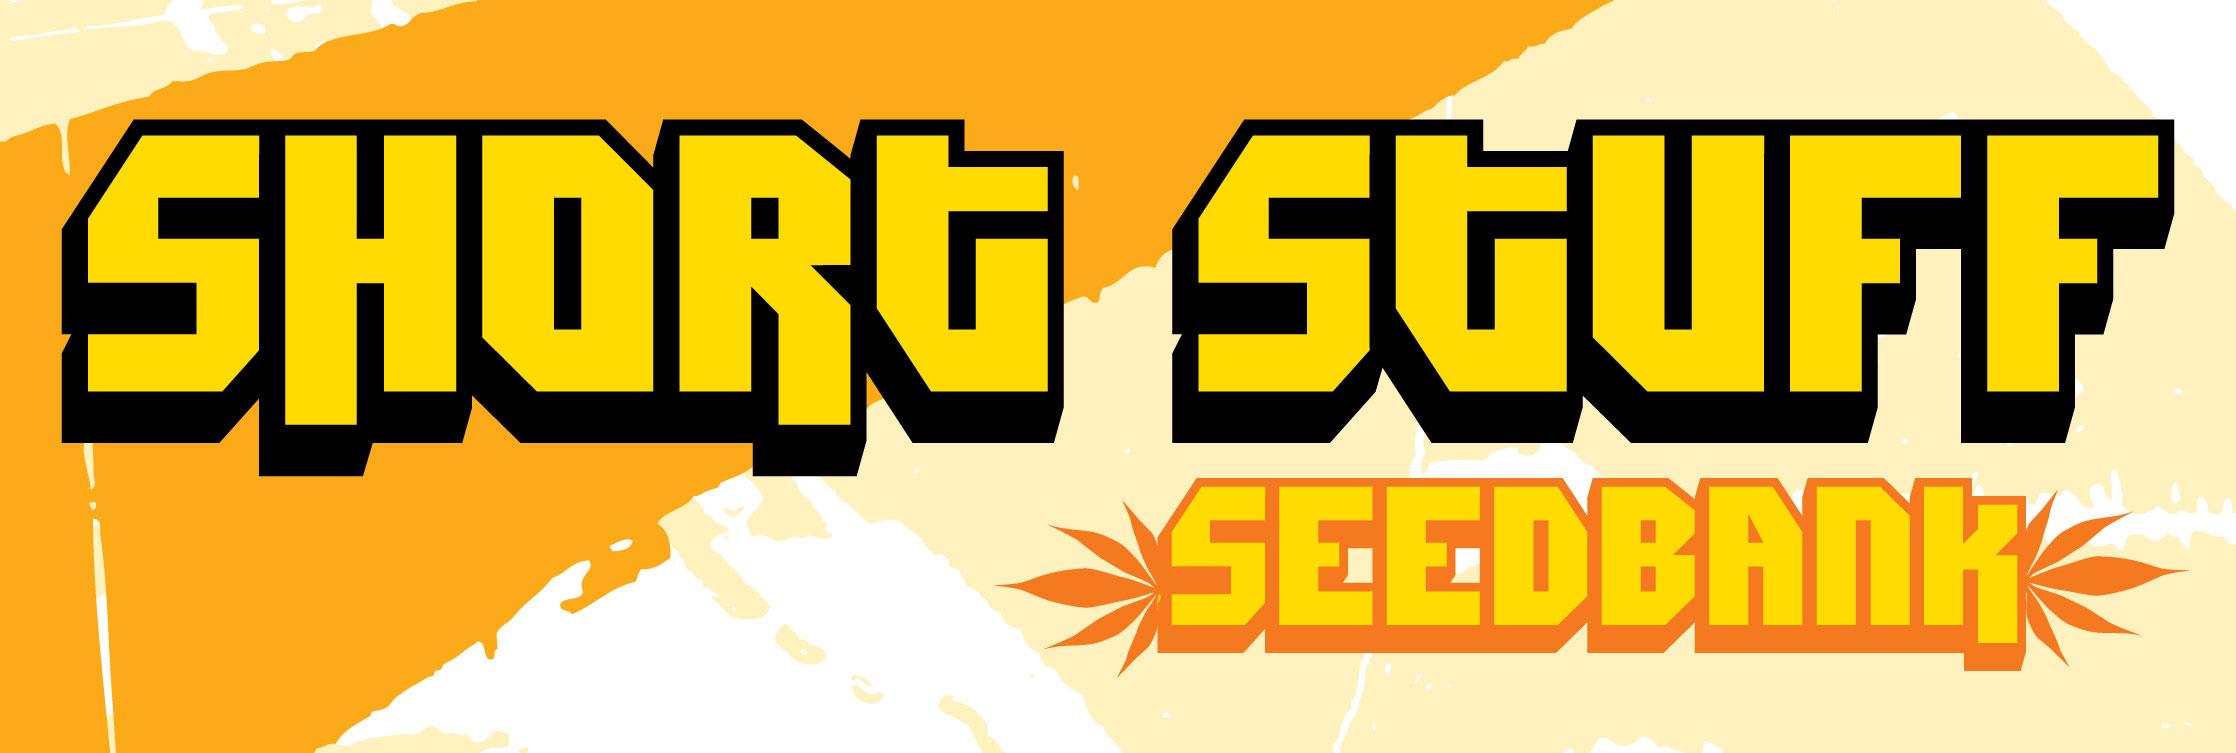 SS-Banner-1